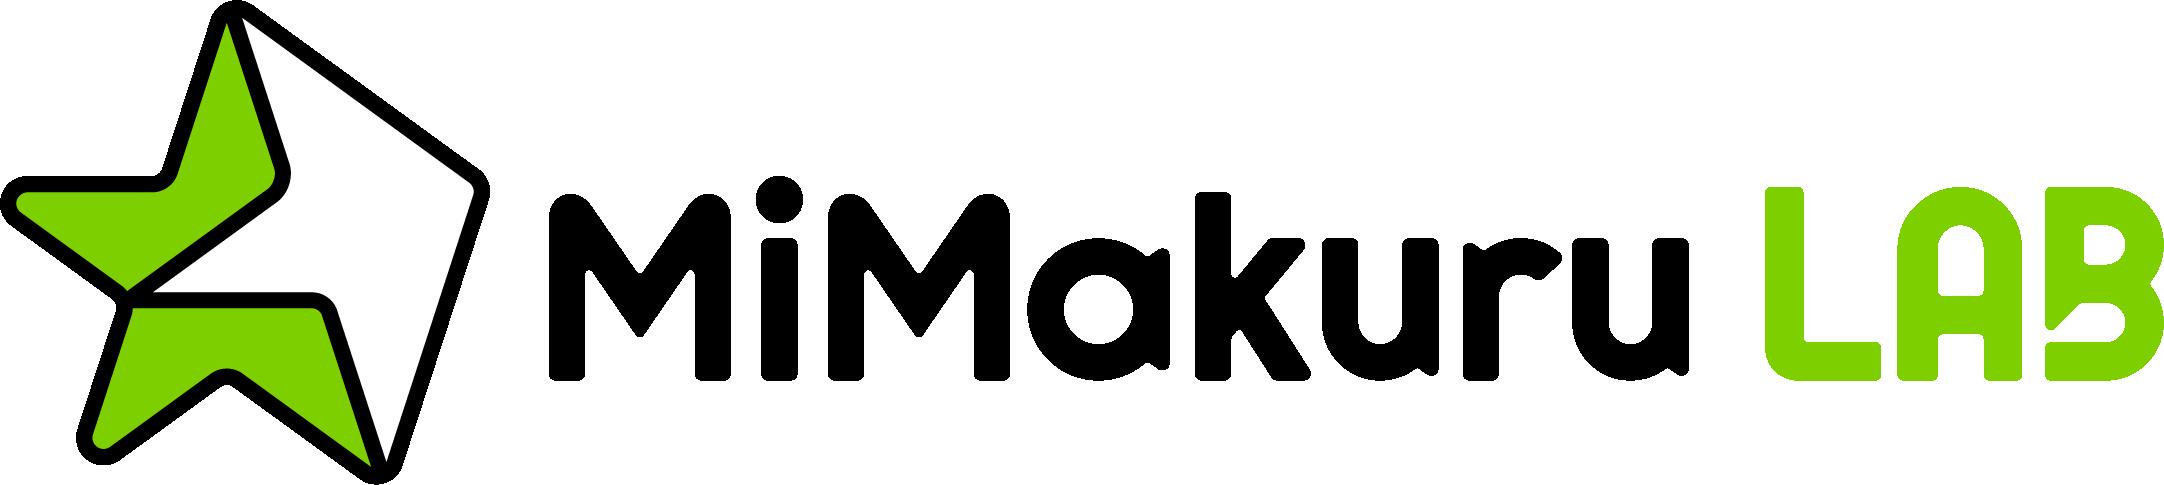 ミマクルラボのロゴ